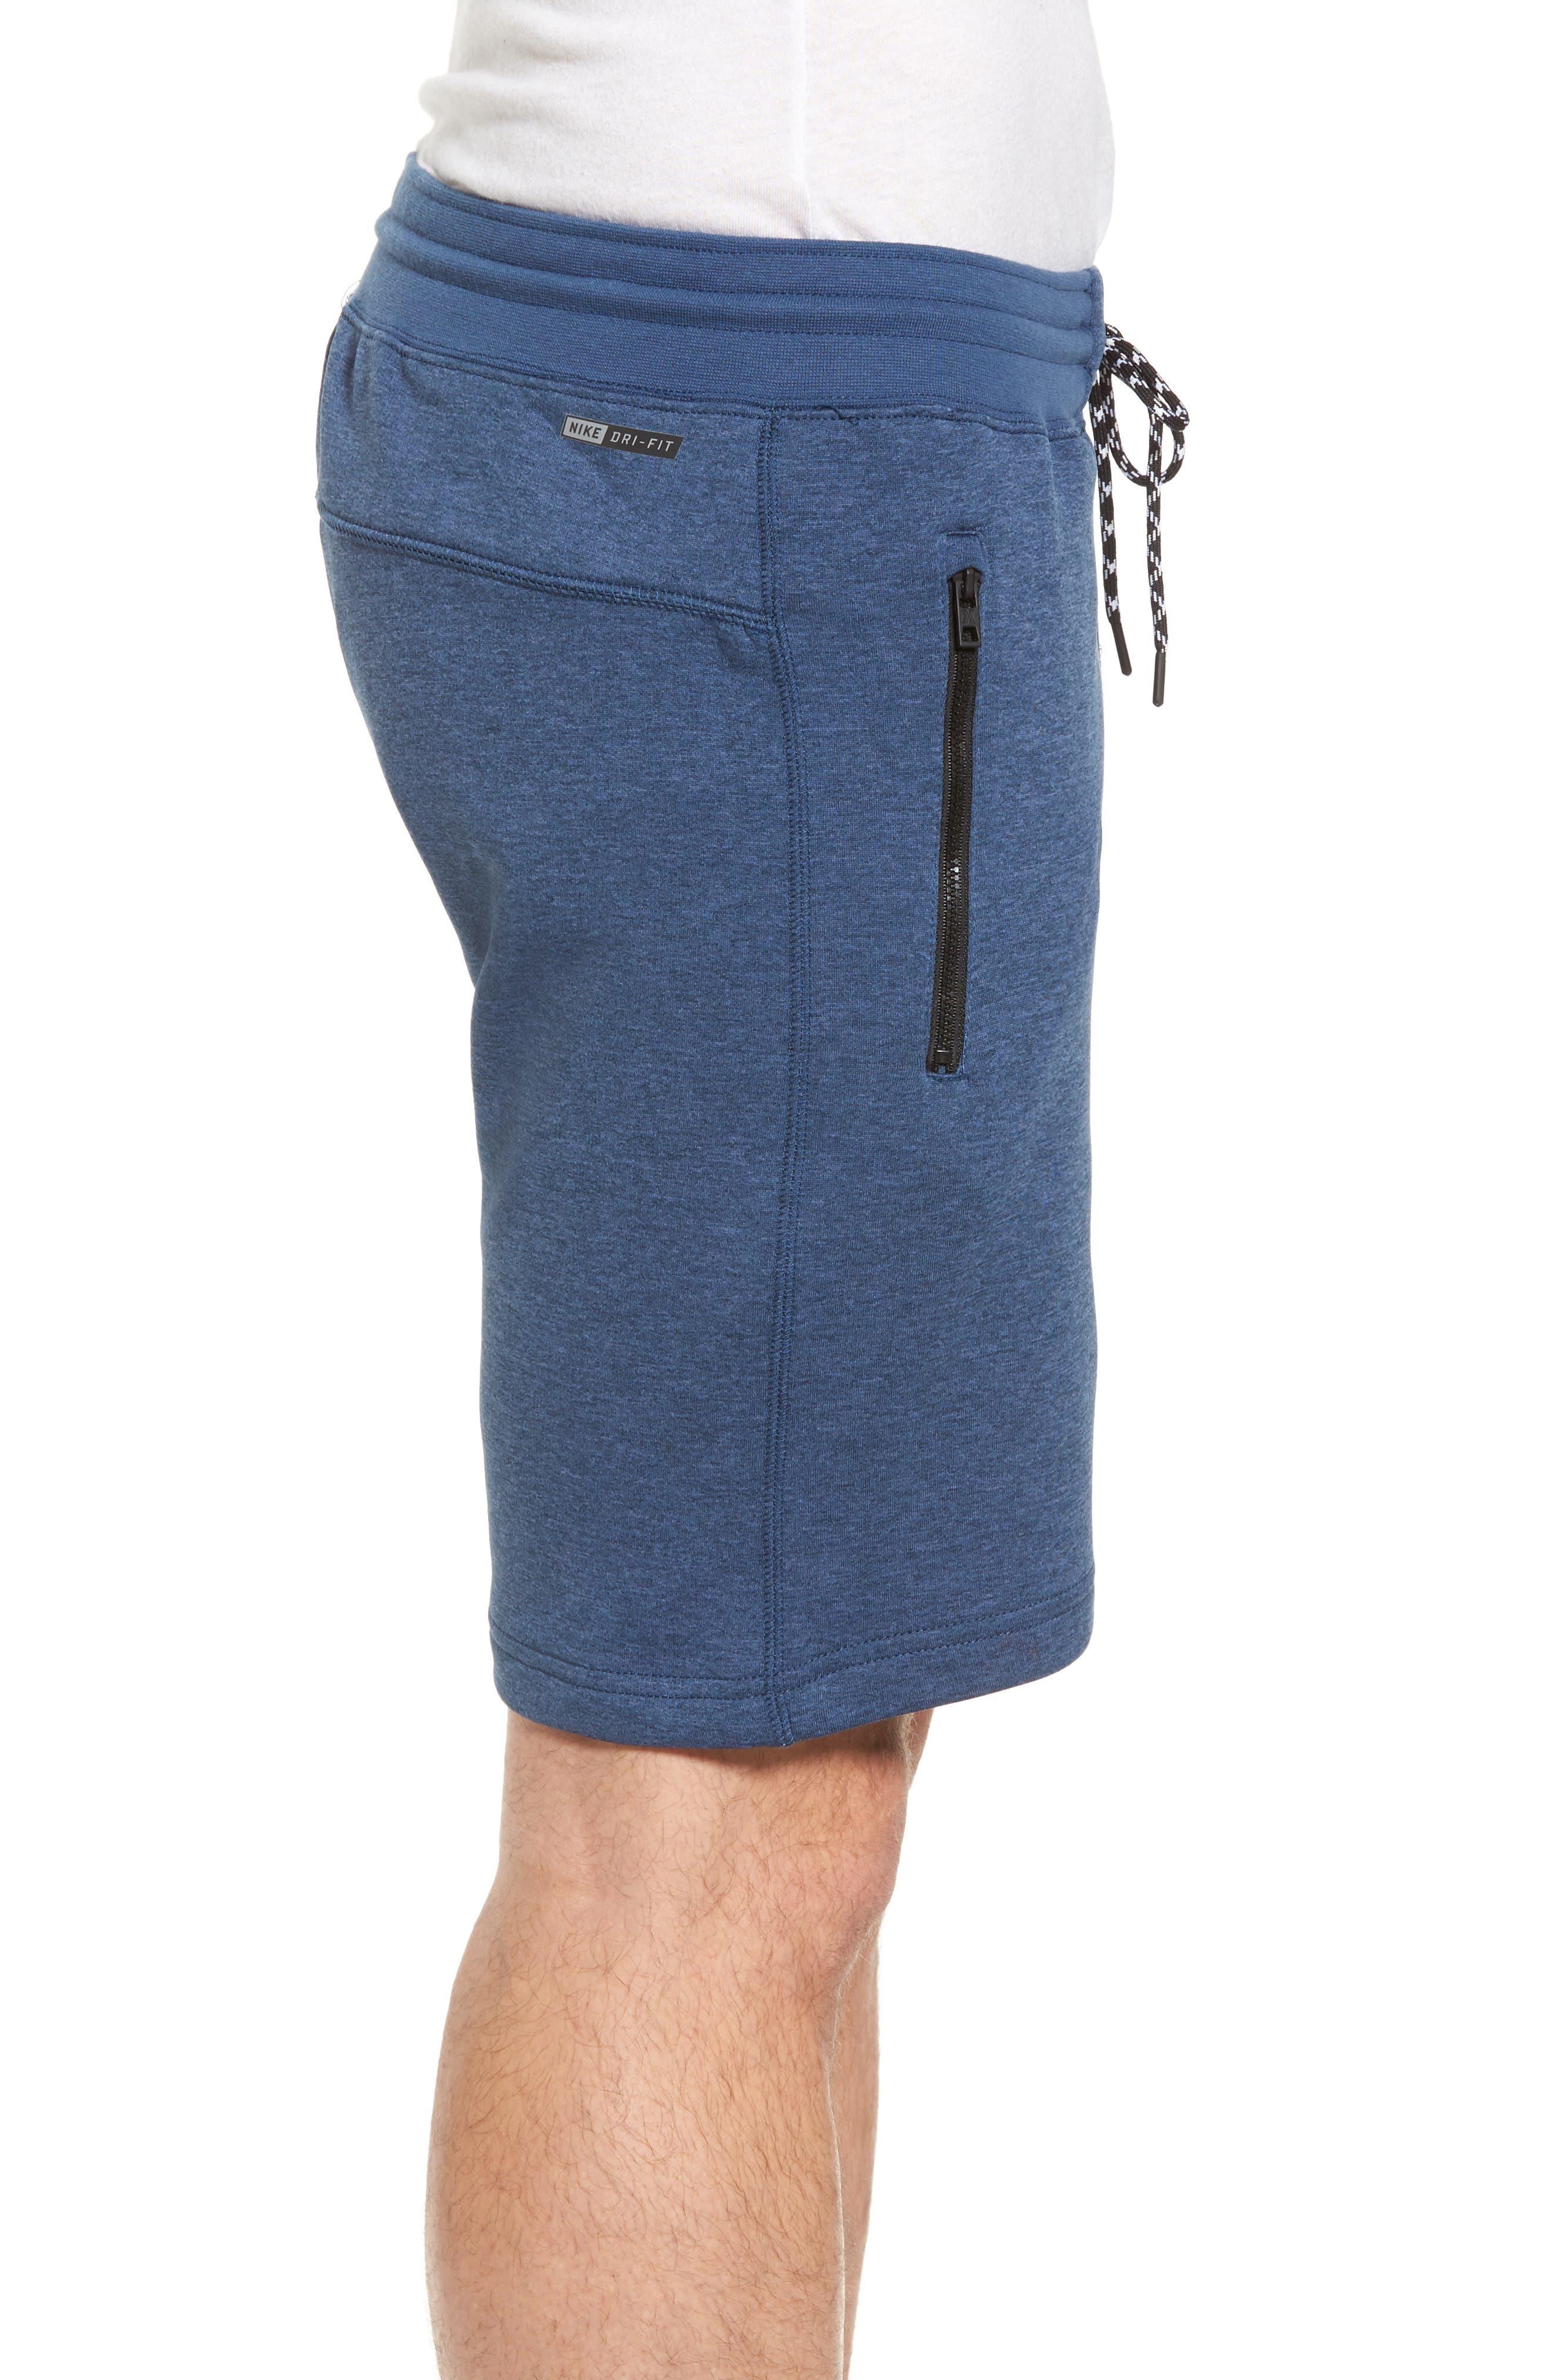 Dri-FIT Solar Shorts,                             Alternate thumbnail 3, color,                             Squadron Blue